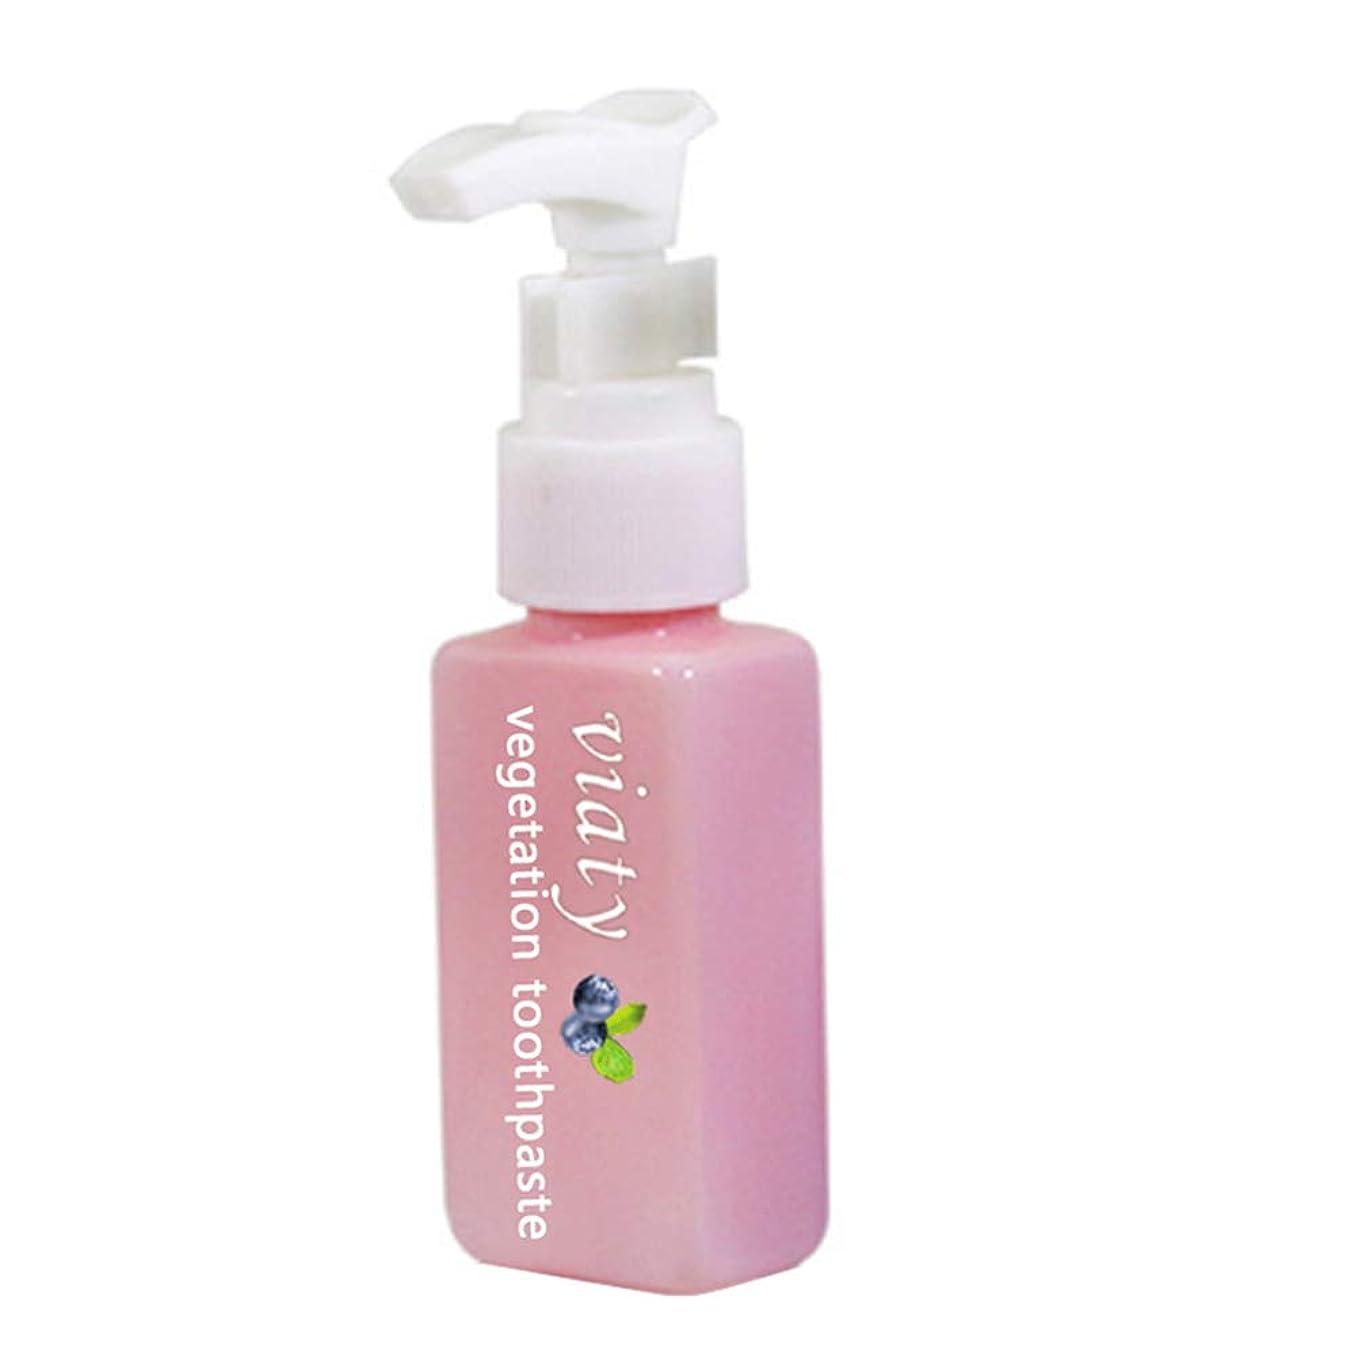 合法家具離れてJanusSaja歯磨き粉アンチブリードガムプレスタイプ新鮮な歯磨き粉を白くする汚れ除去剤